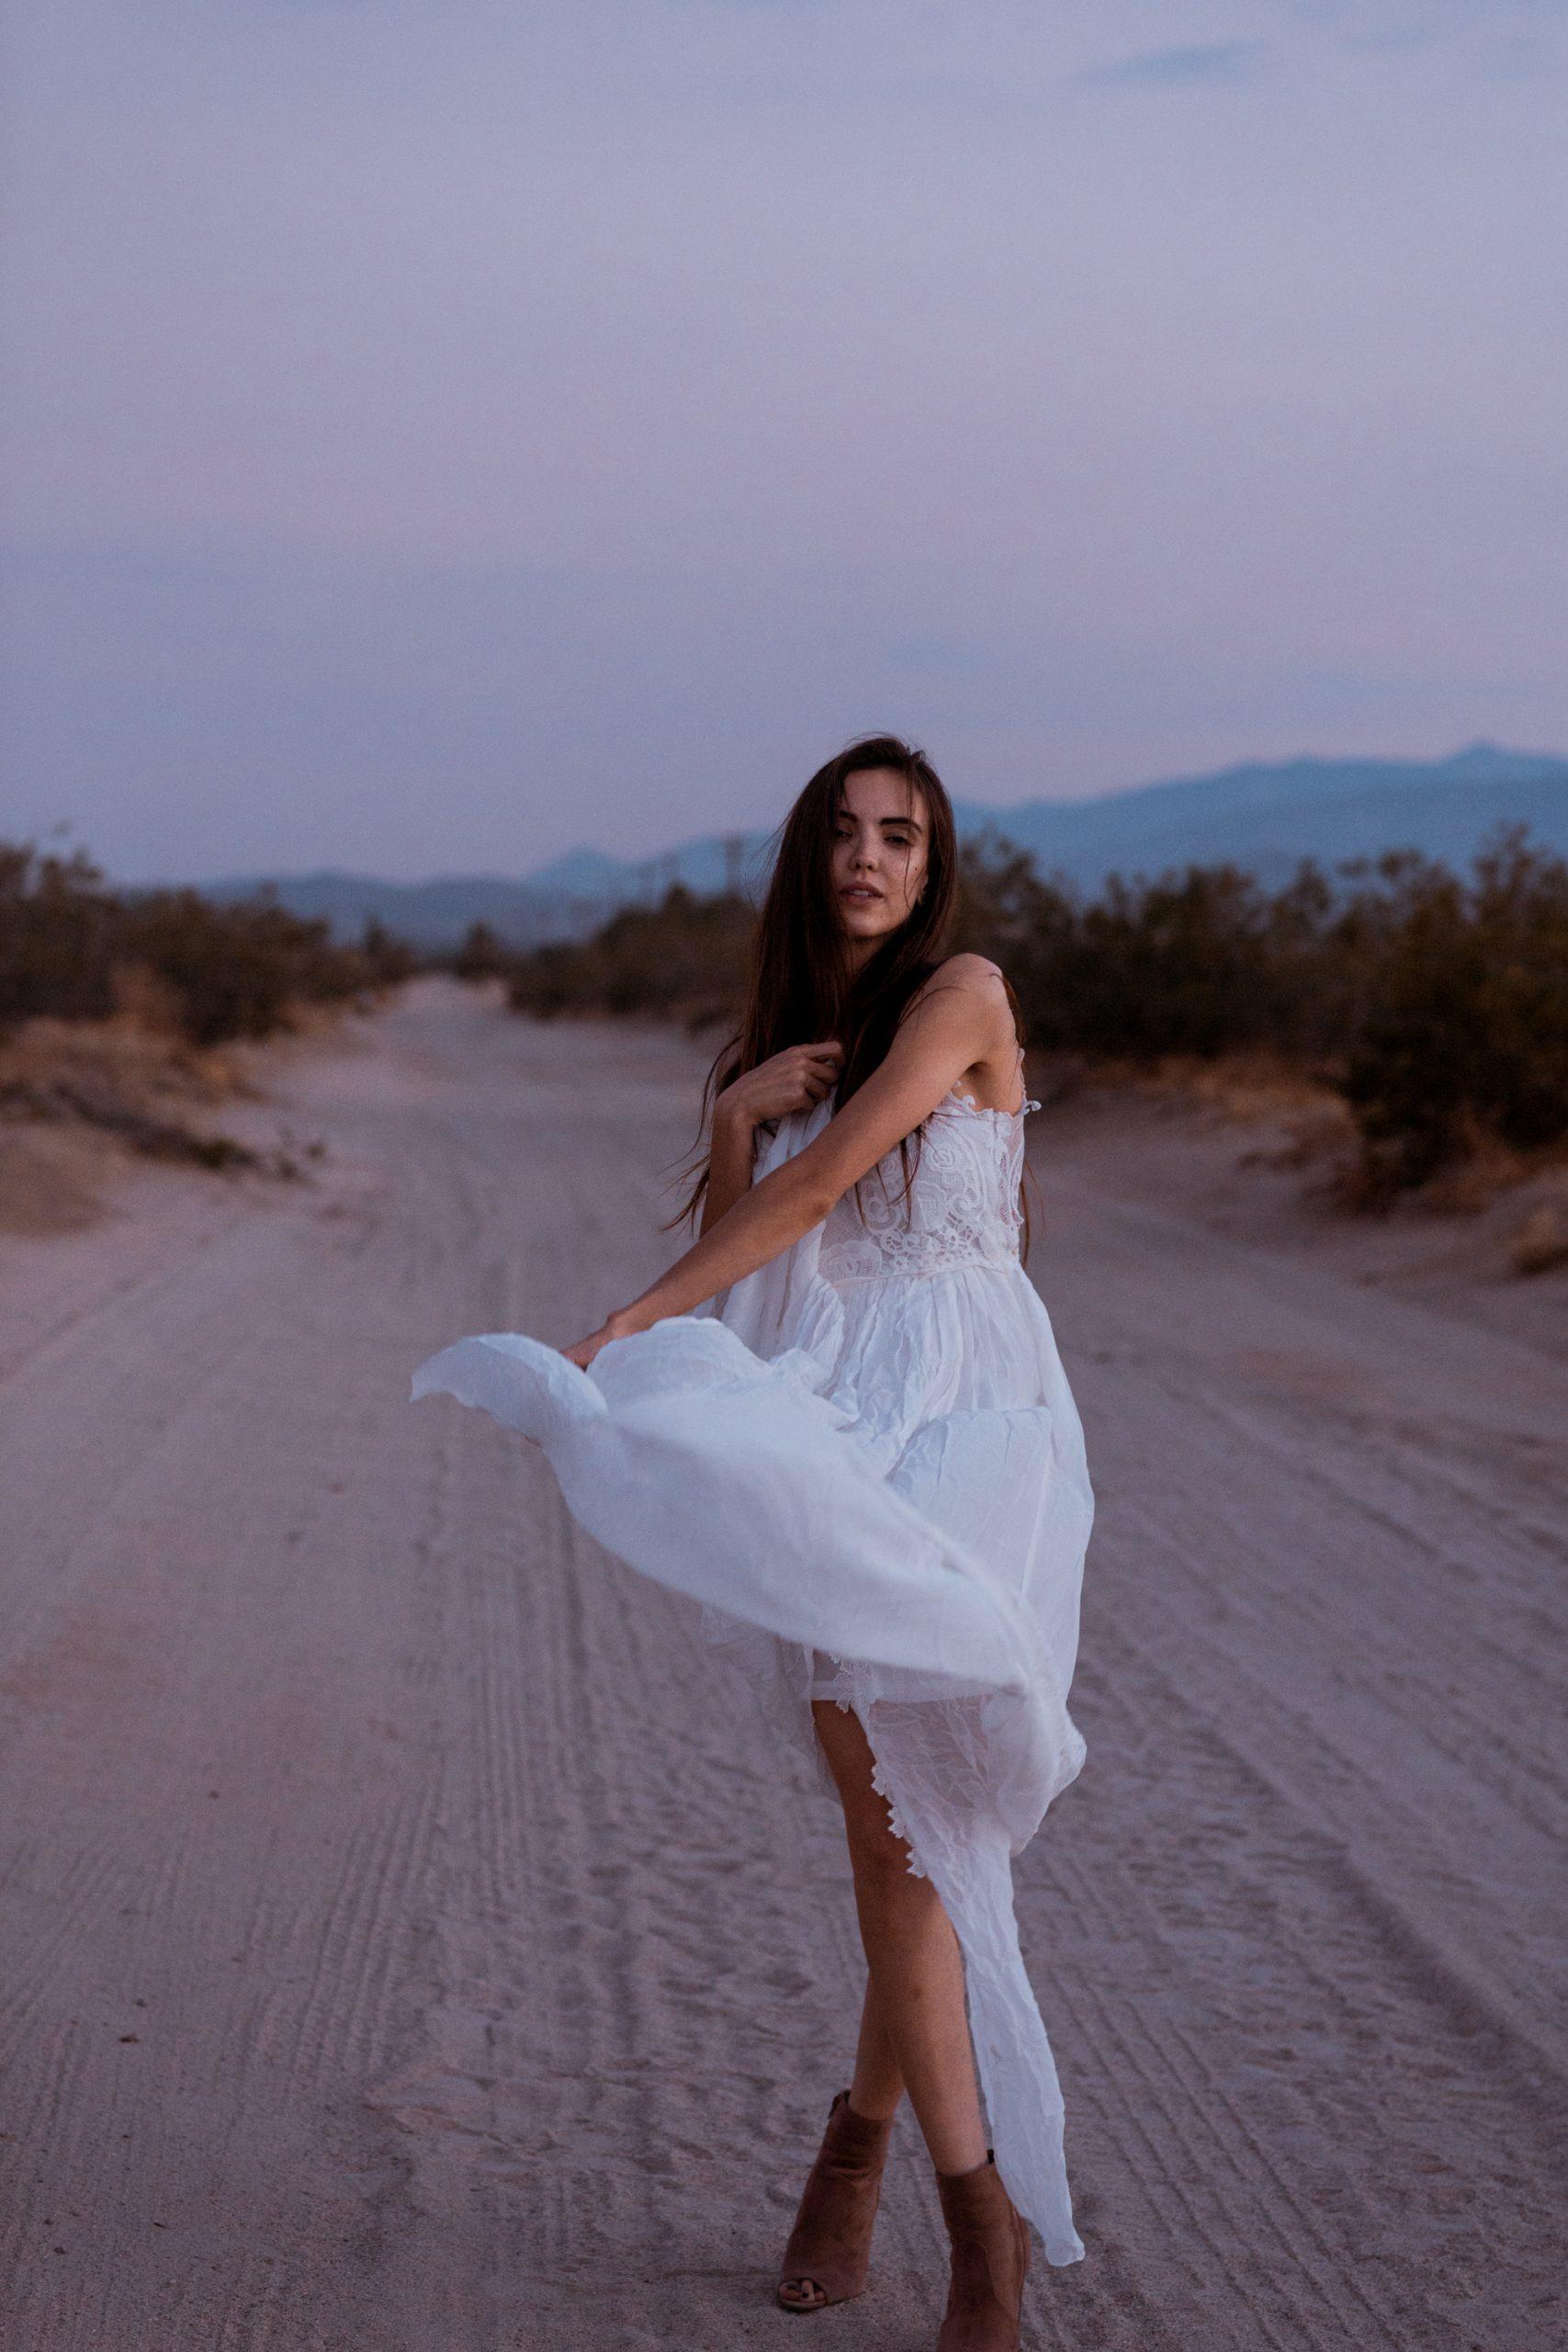 bridal-shoot-california-desert-sunset